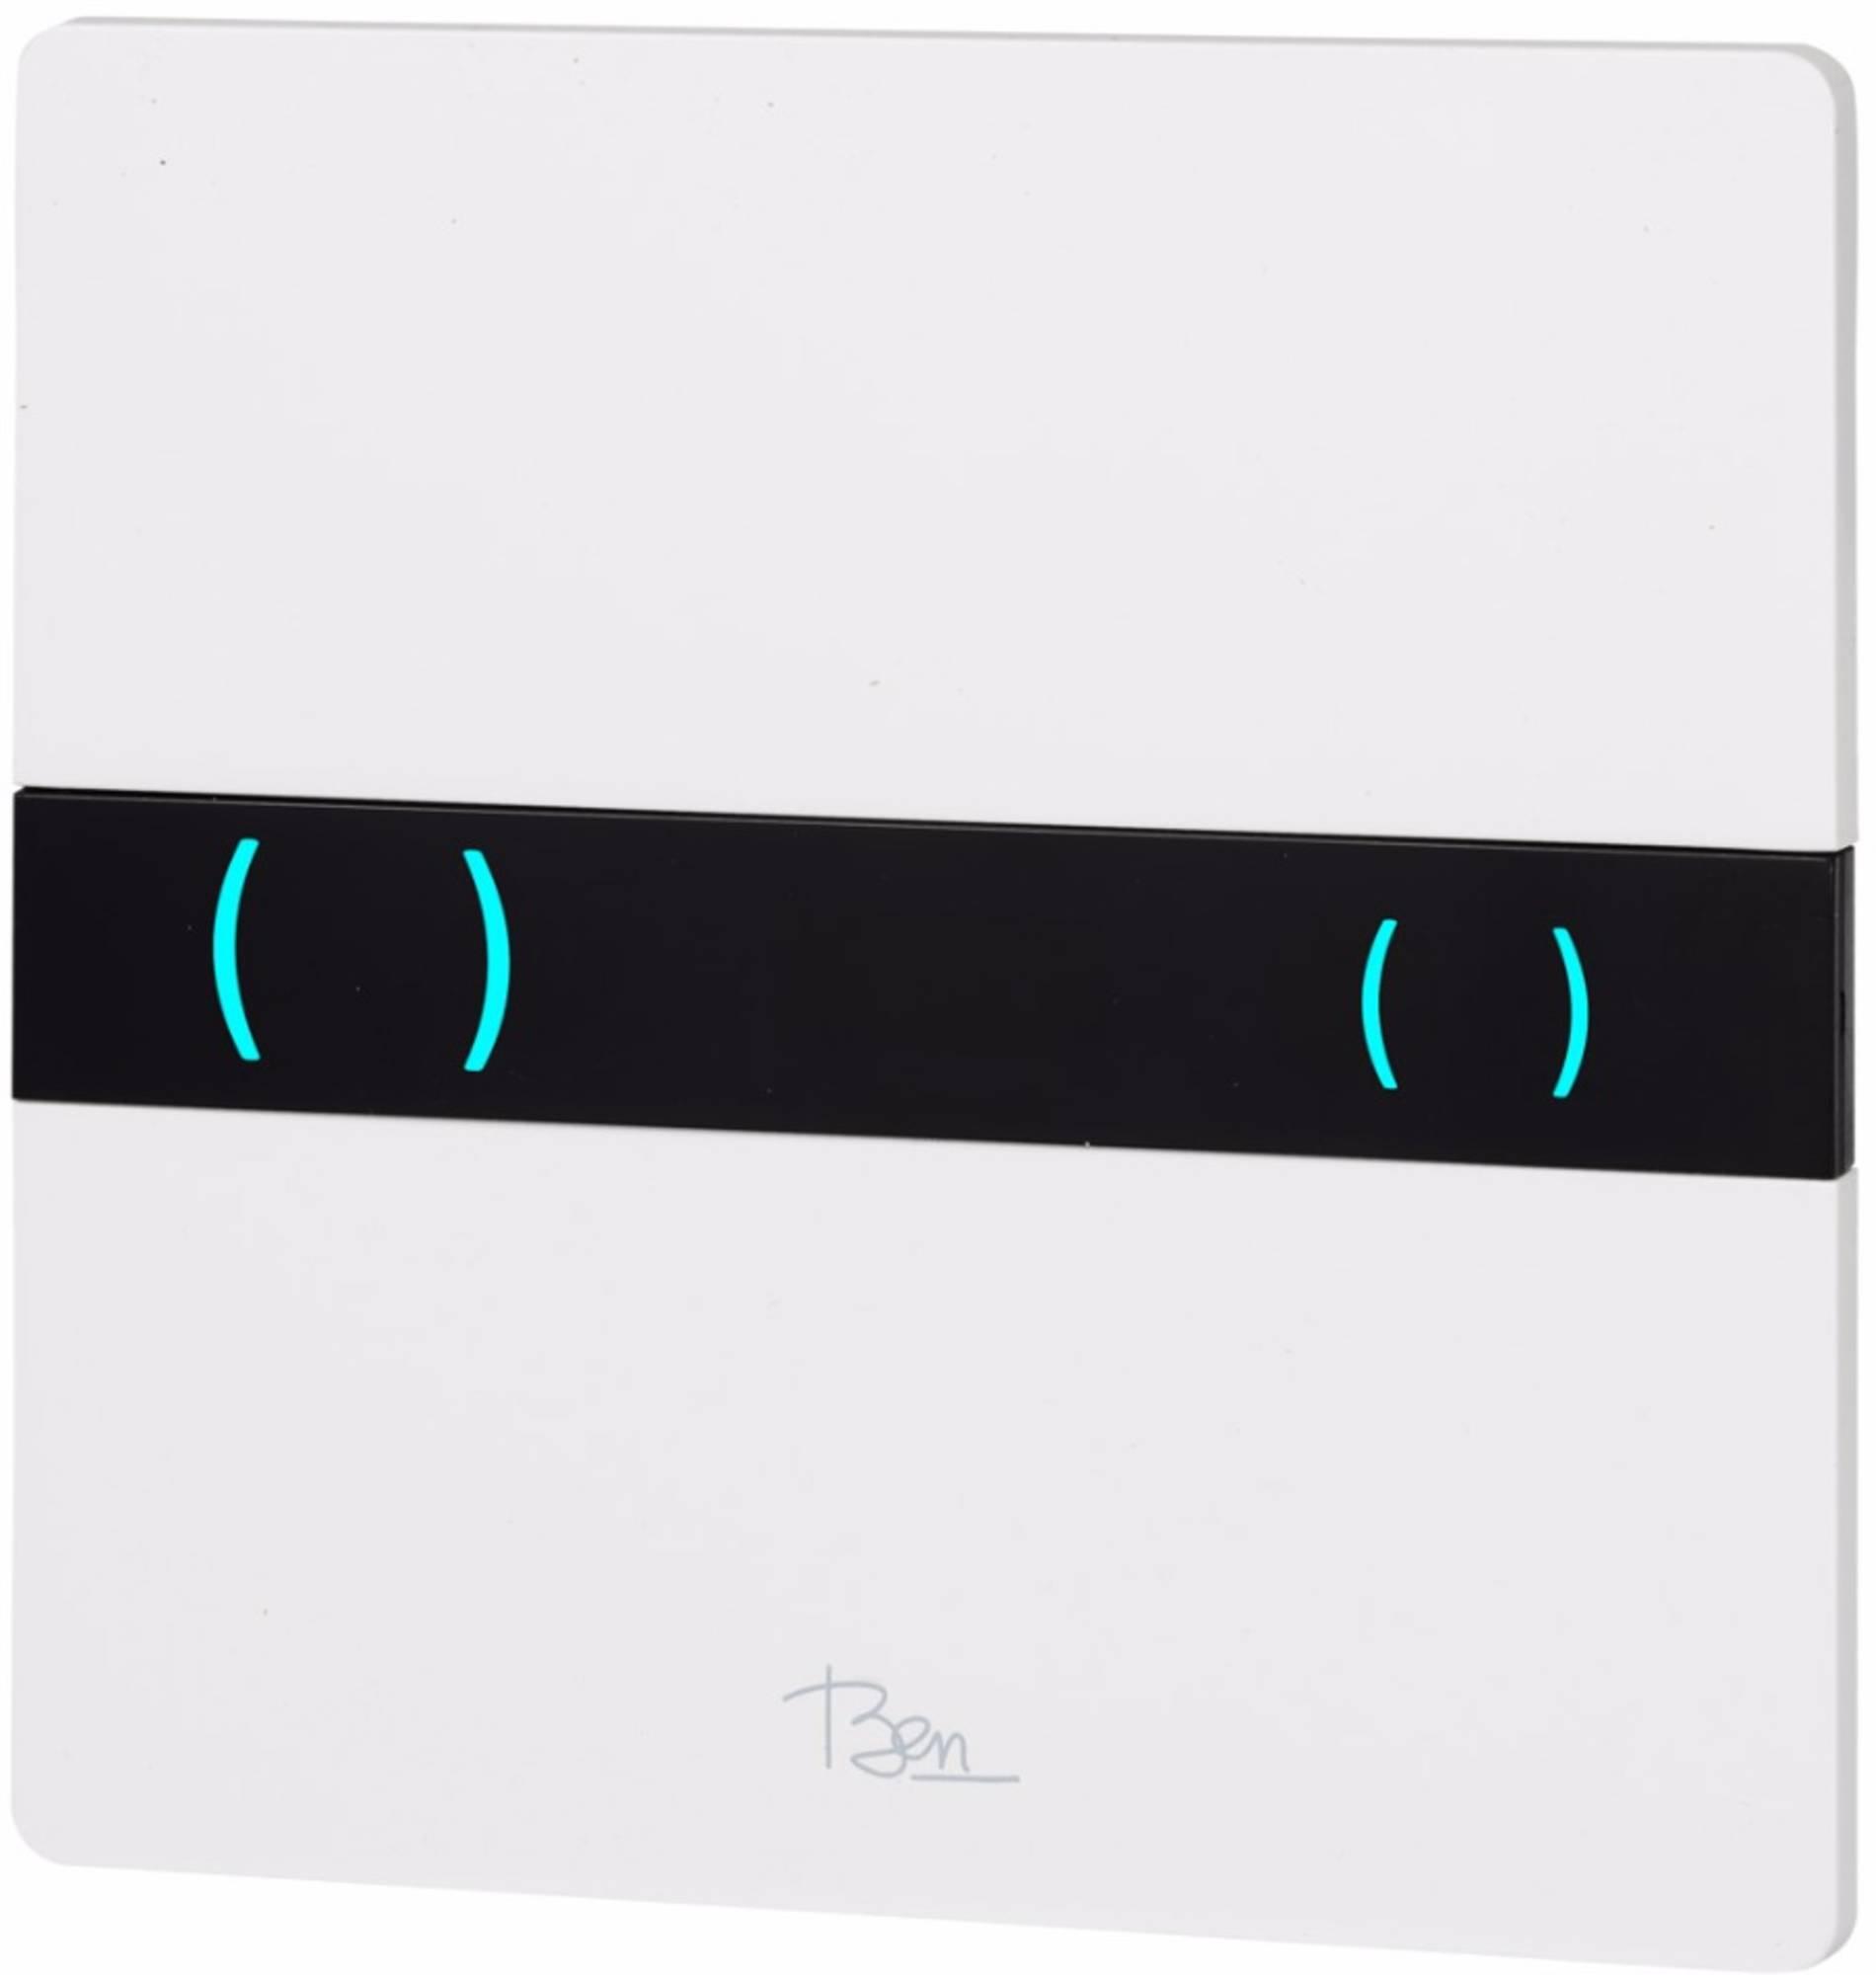 Ben Tronic bedieningspaneel infrarood bediening tbv BPF kunststof glans wit